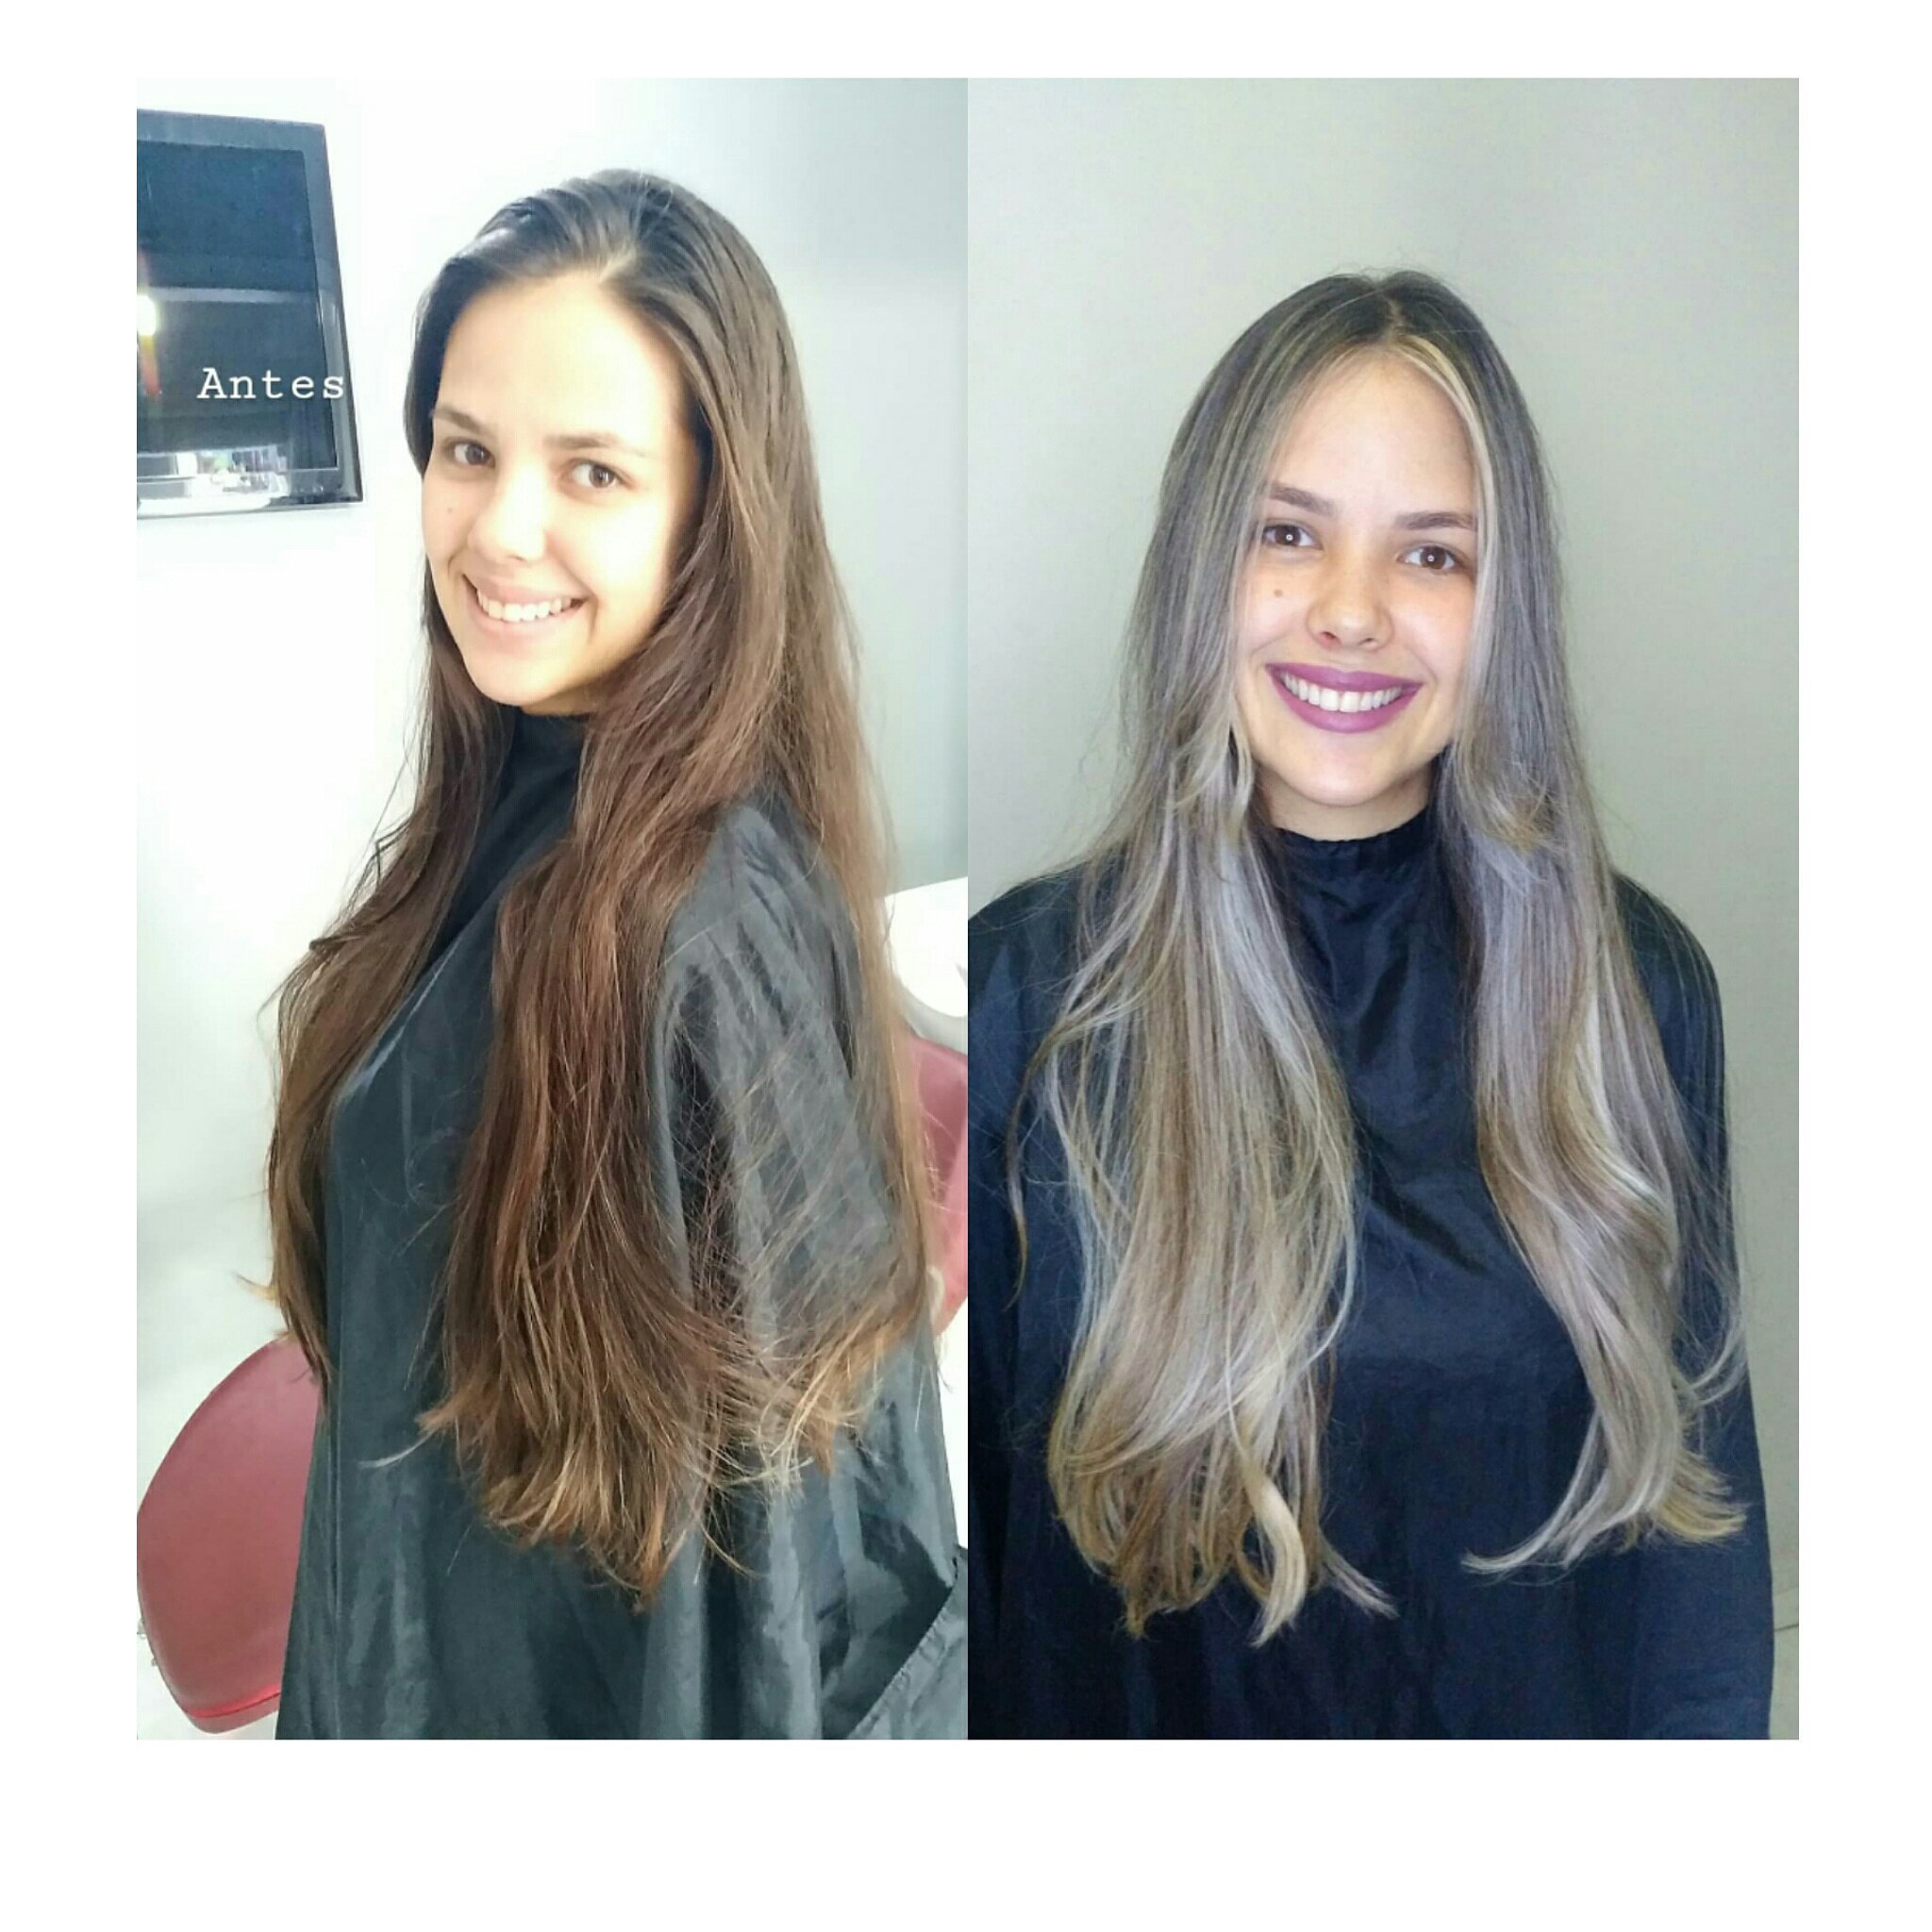 Light Contour pérola,  raiz esfumada,  frente bem marcada.   Produtos utilizados: Olenka cosméticos  cabelo cabeleireiro(a) maquiador(a)